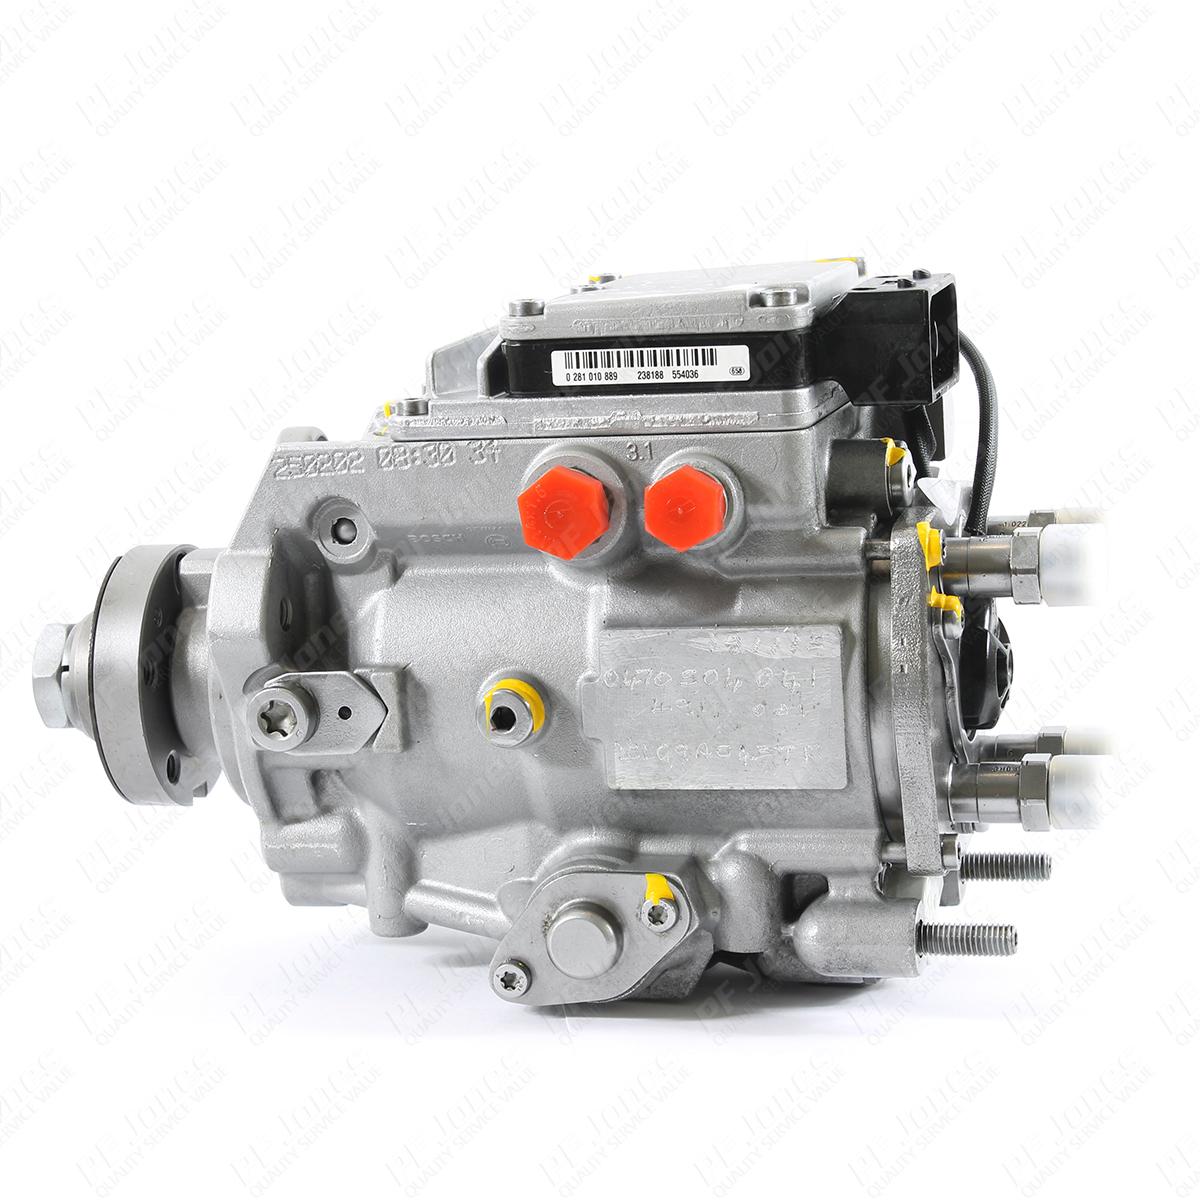 0470504041 - Bosch Diesel Pump